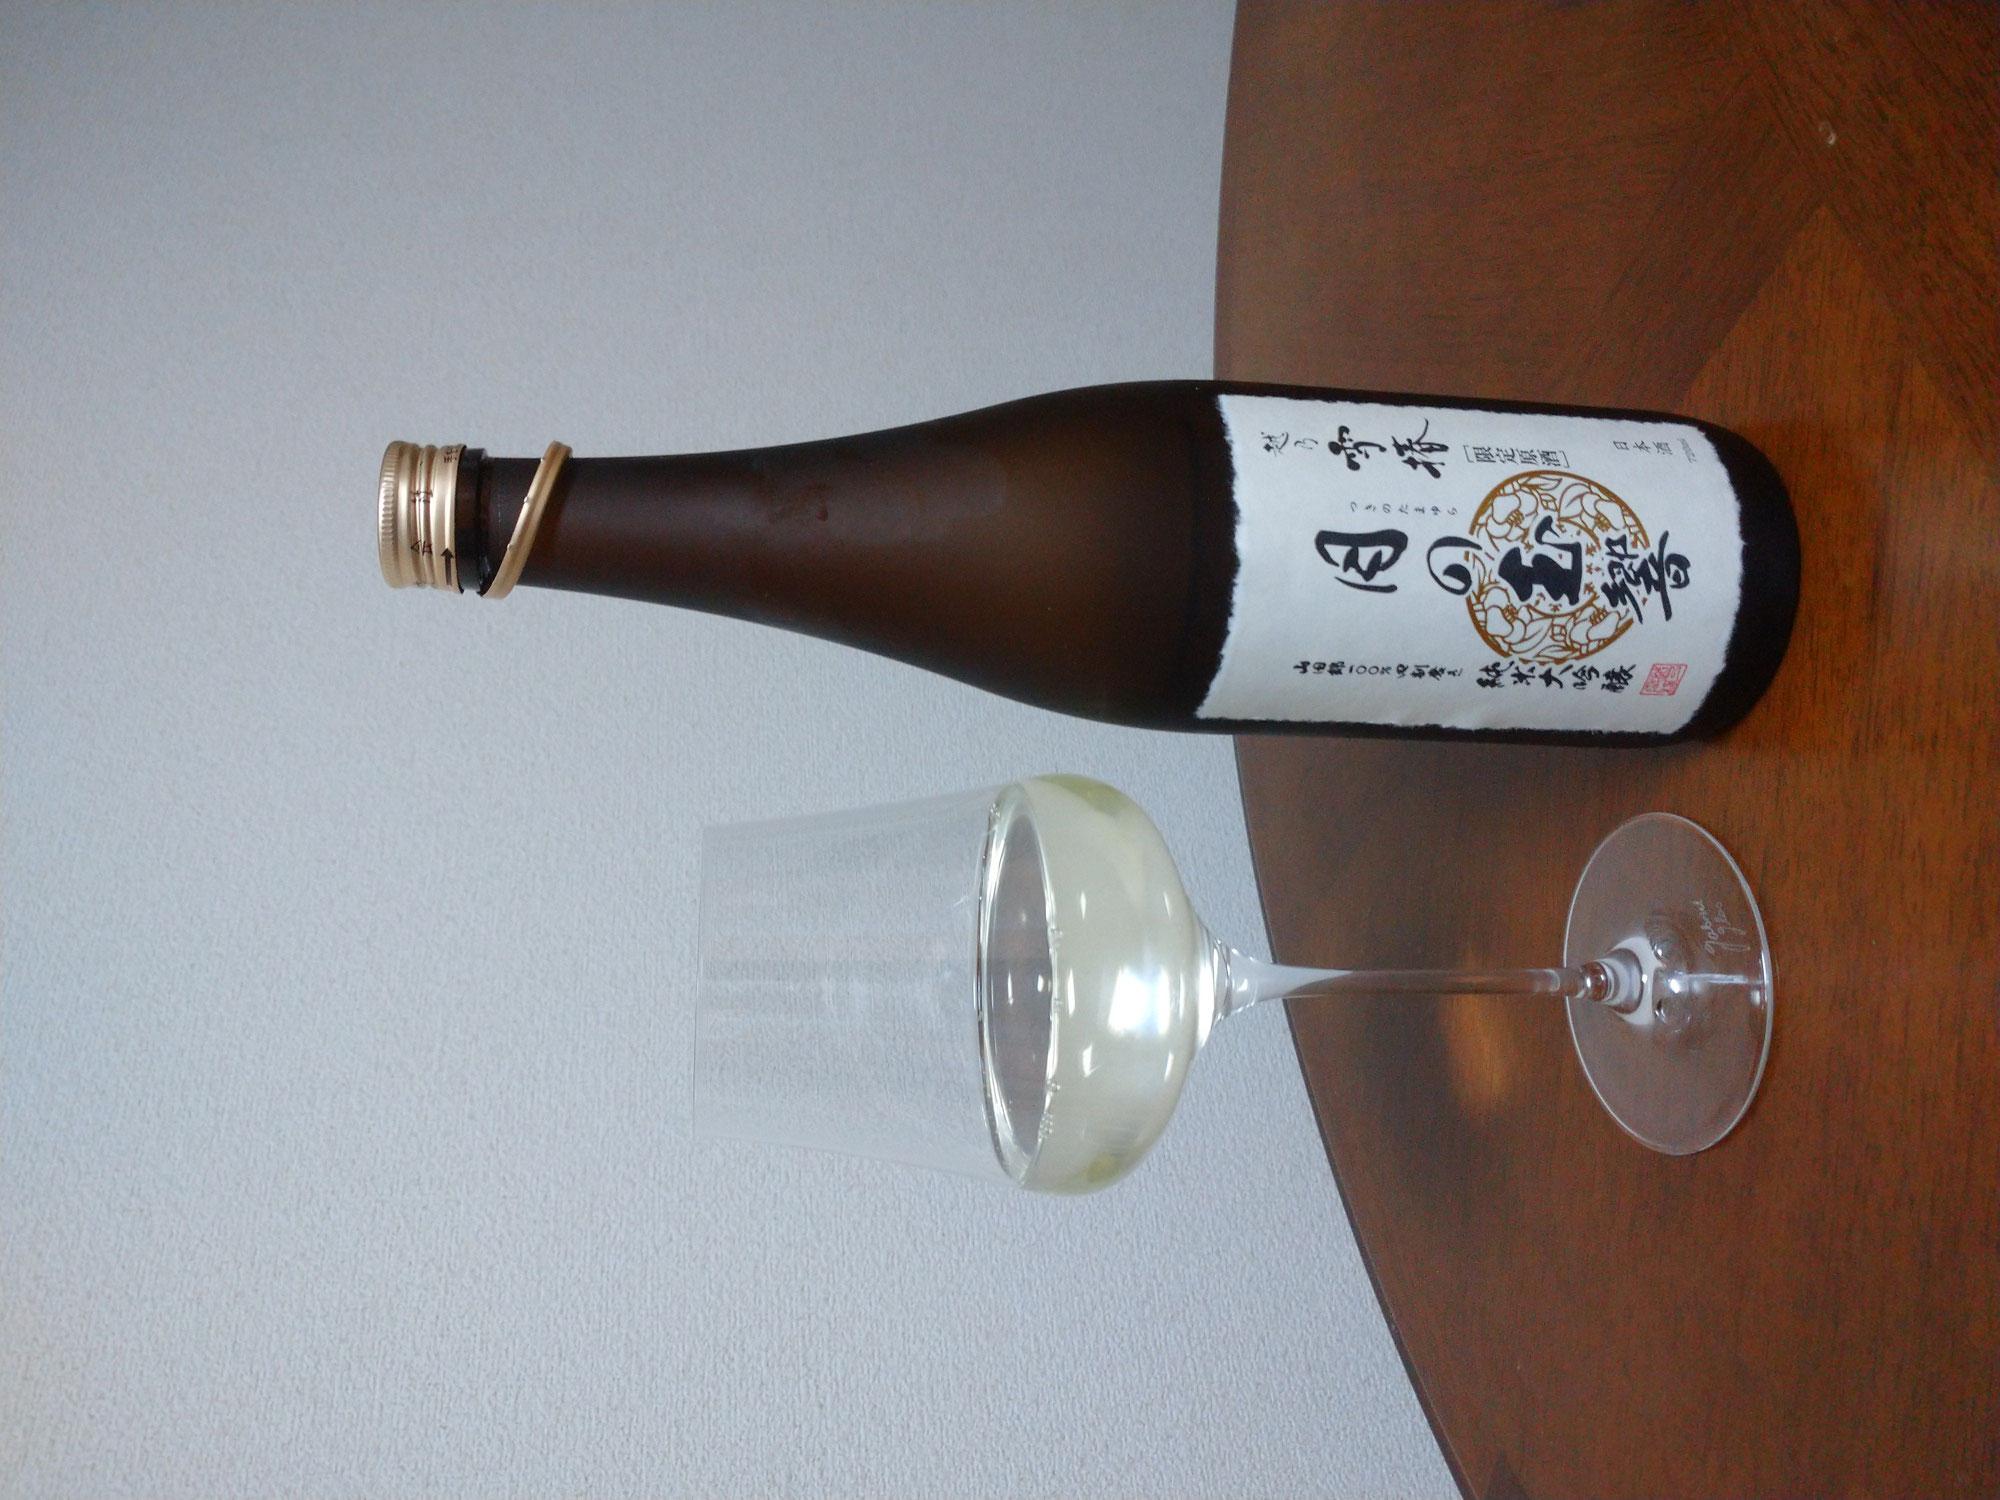 ガブリエルグラスで飲む金賞受賞日本酒。